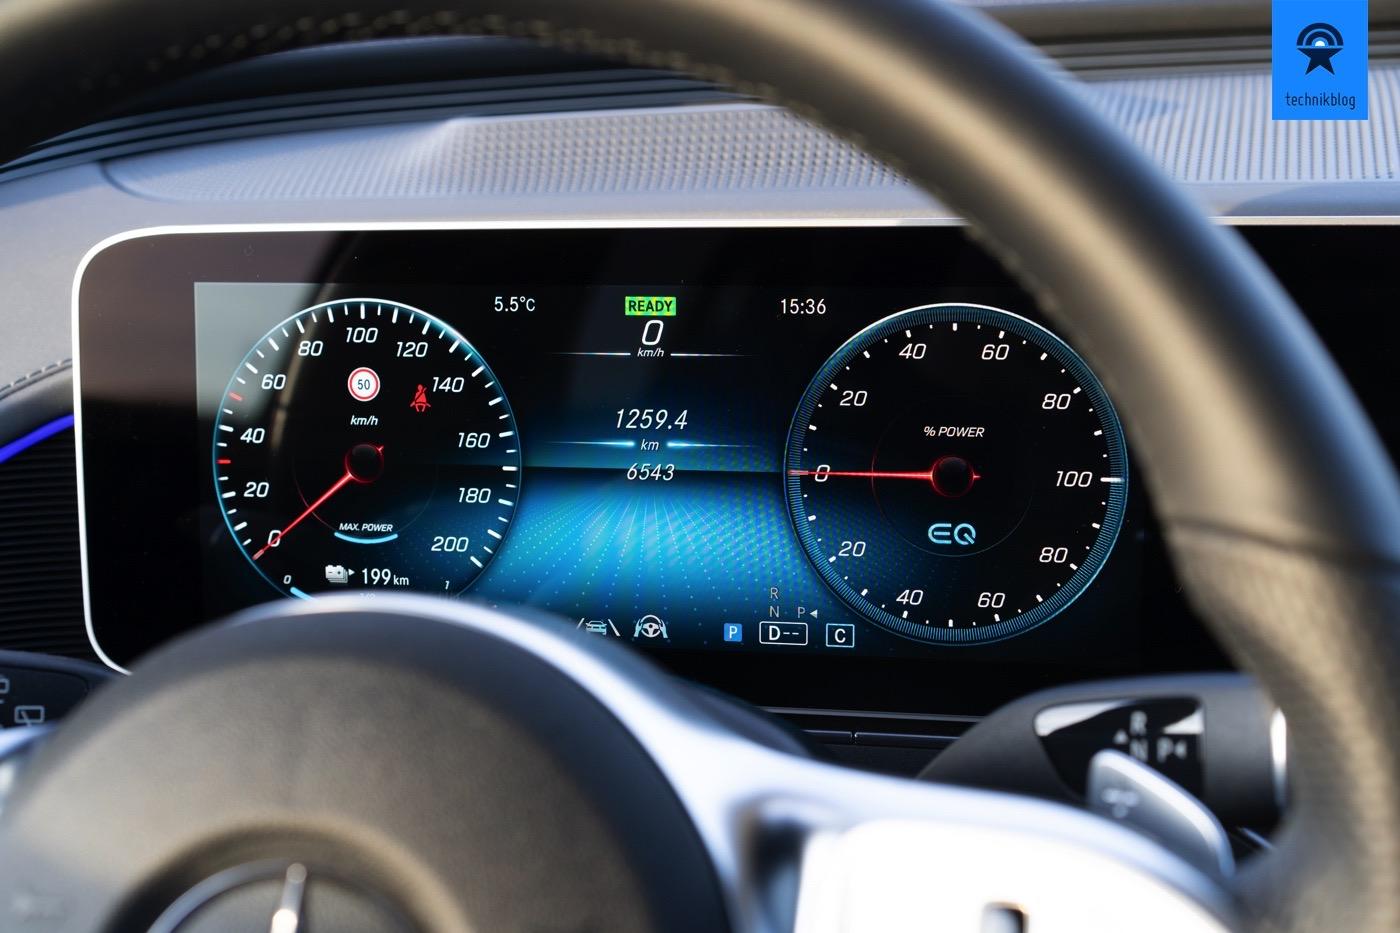 Anzeigeinstrument im Mercedes EQC